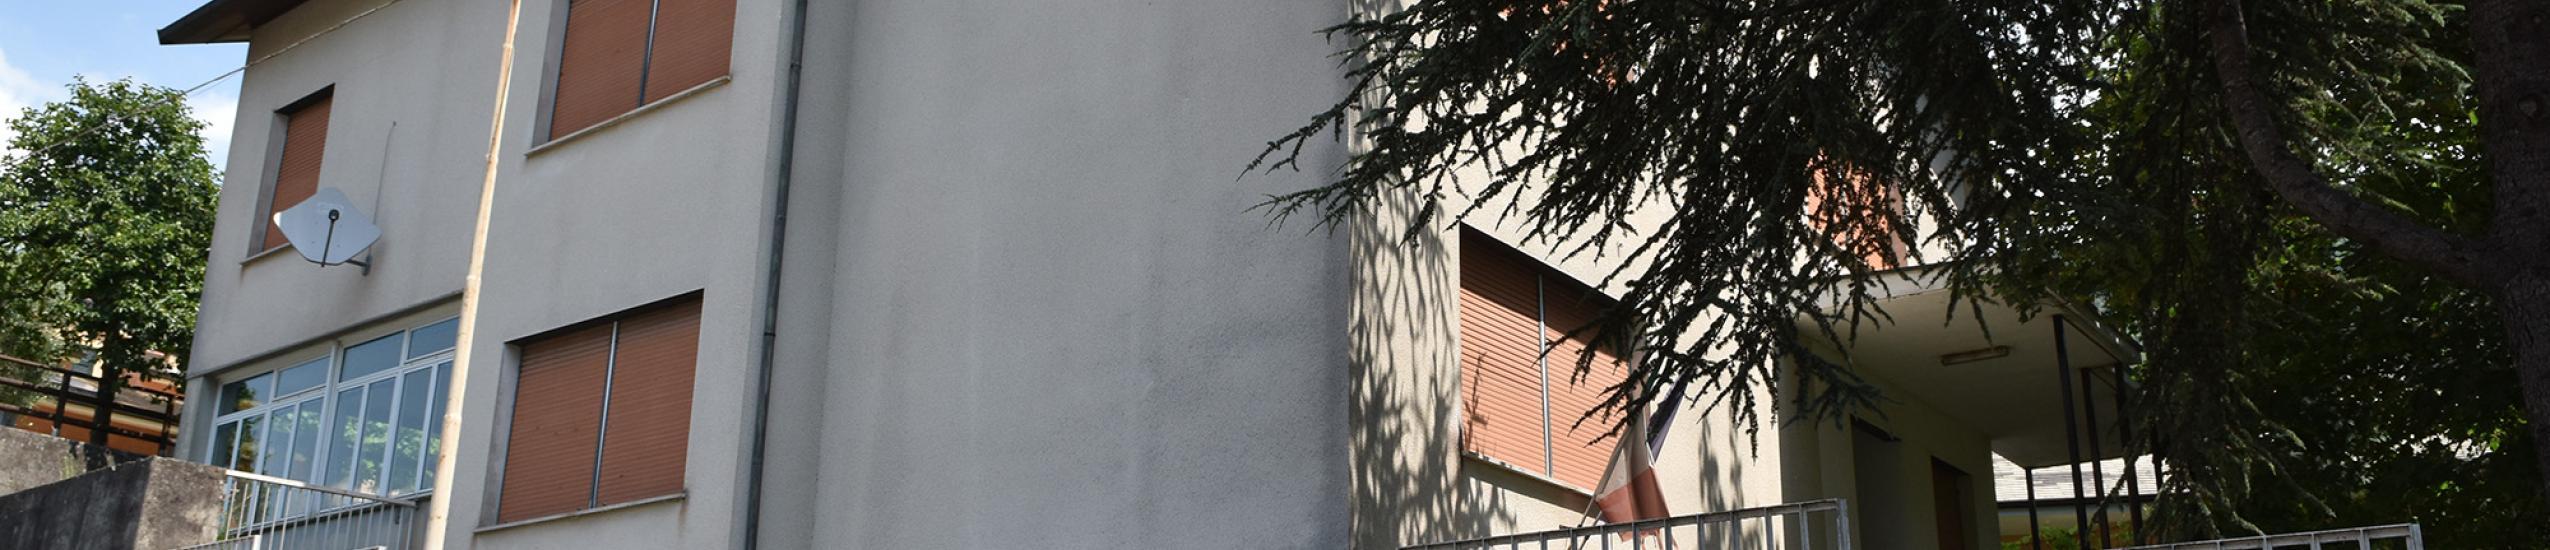 L'edificio scolastico